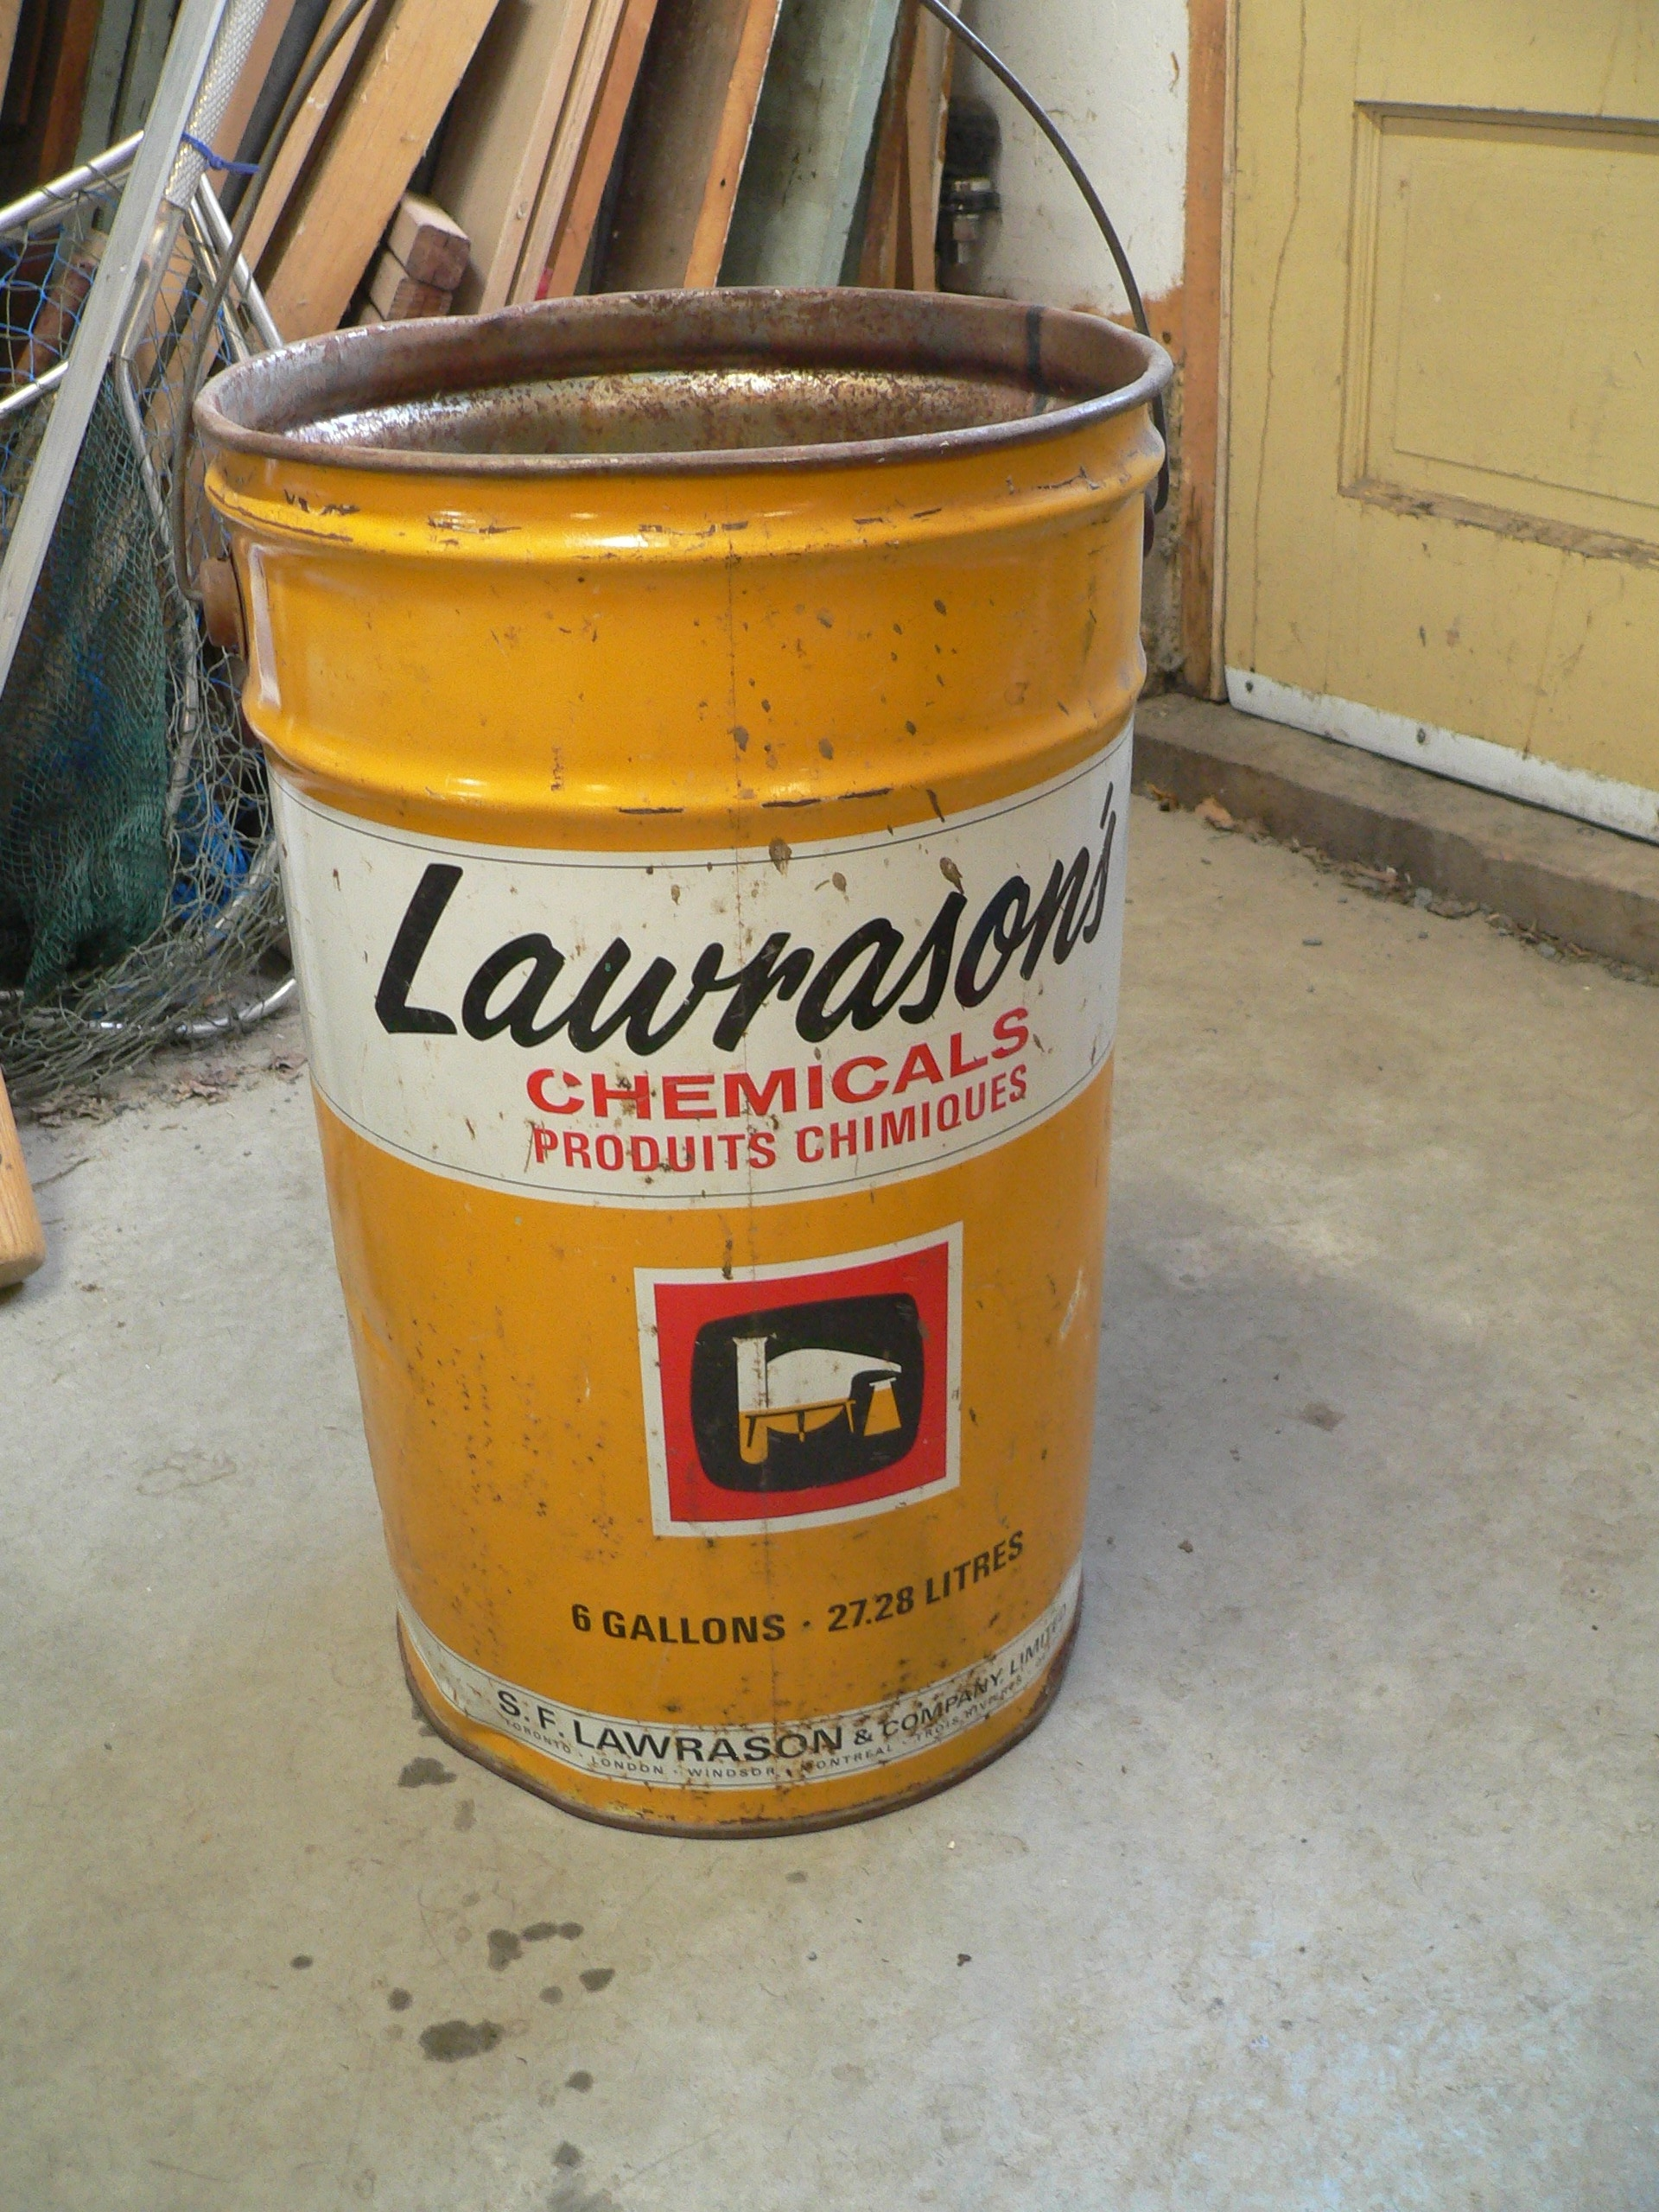 Chaudière antique lawrason's # 7994.1